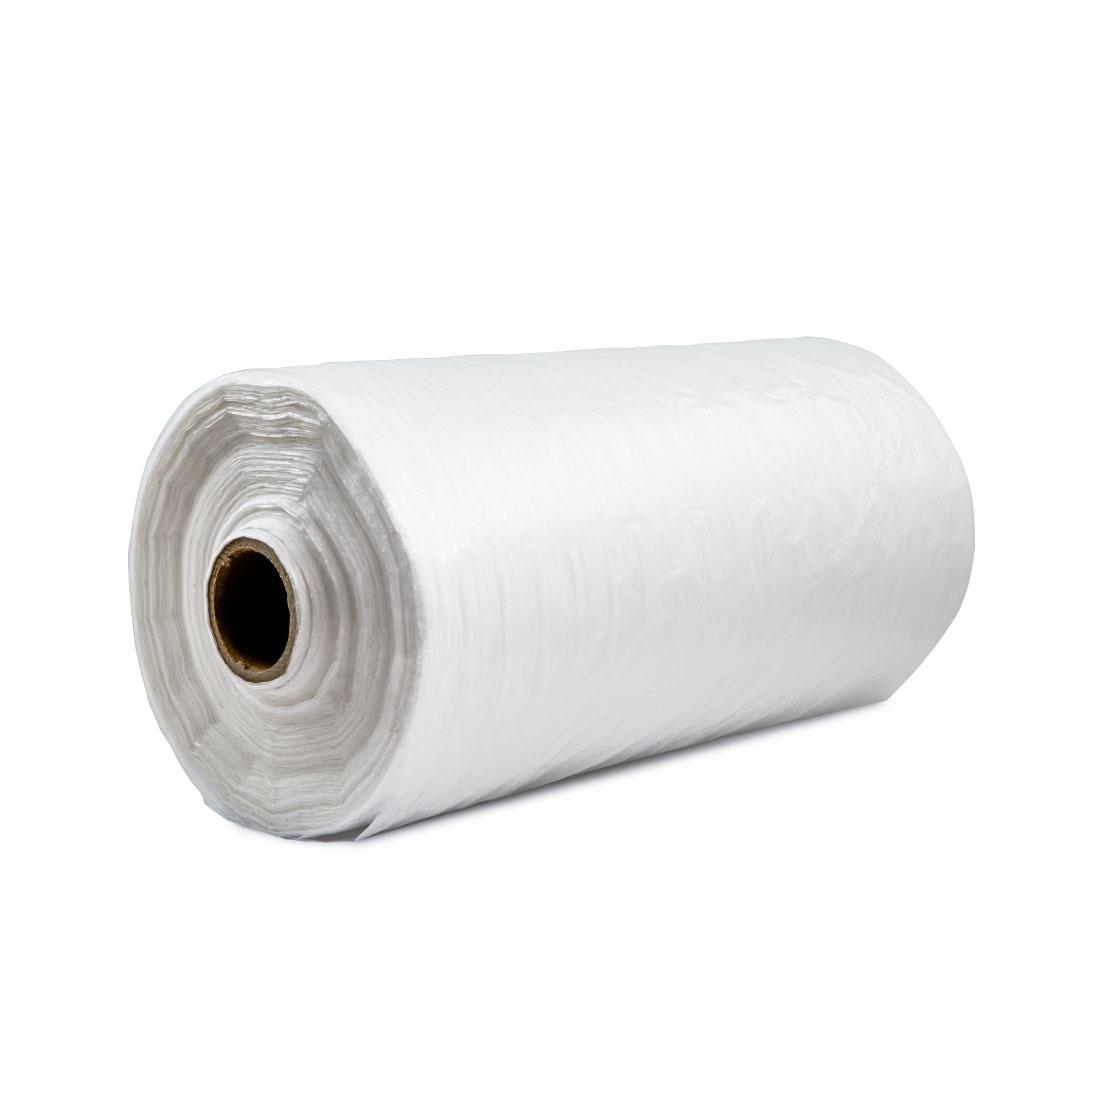 HDPE fólie pro výrobu vzduchových polštářků 325x380mm / 280m - bublinky